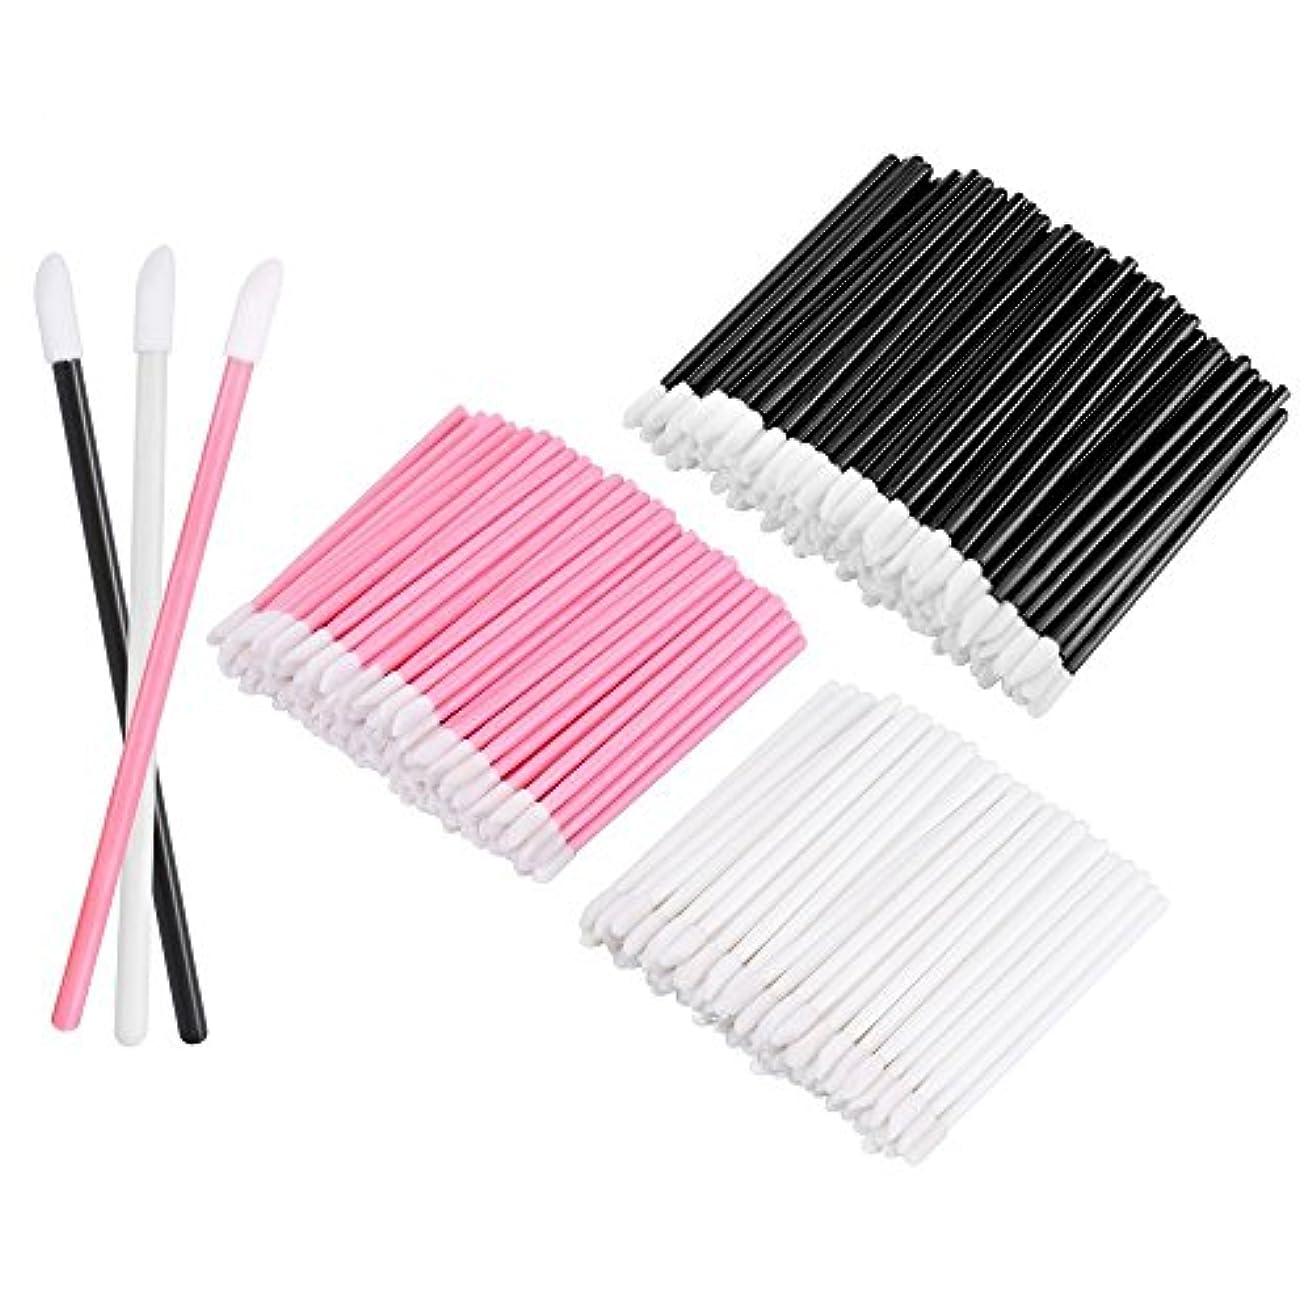 十二スプリット倫理KEDSUM リップブラシ 使い捨て 300本入り メイクブラシ 化粧用品 化粧筆 化粧ブラシ 携帯用 便利 (3色)